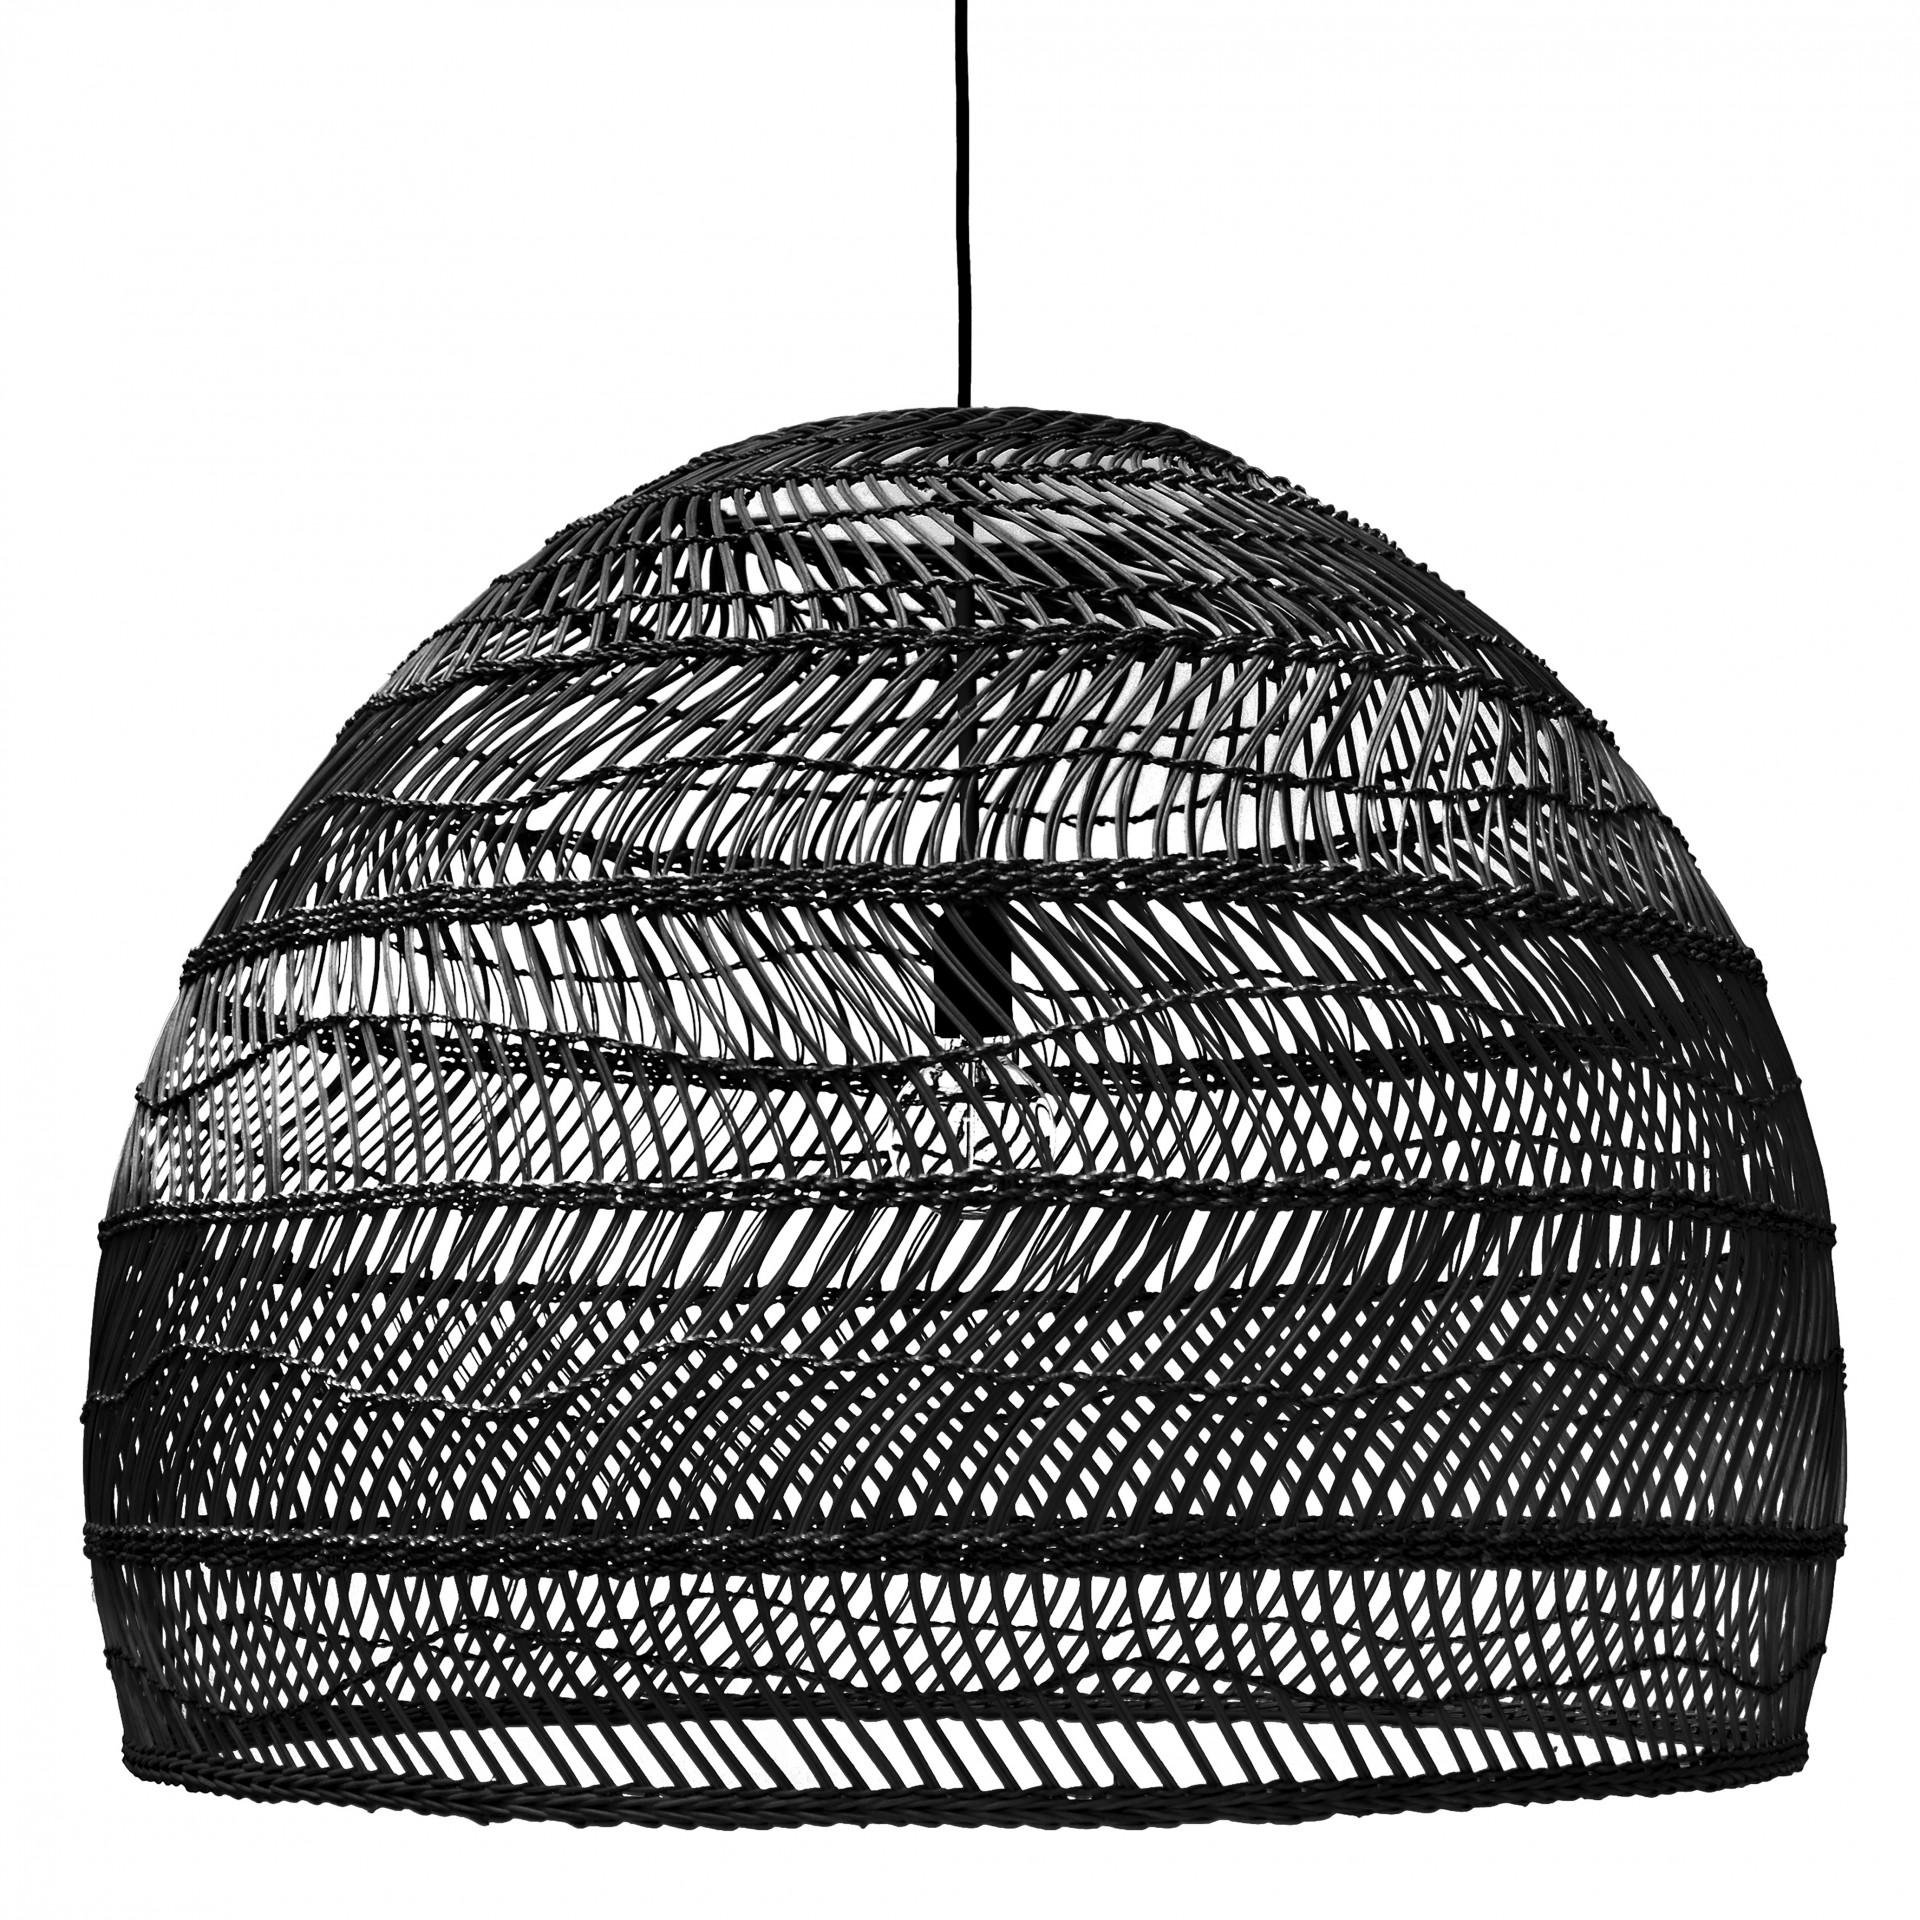 Candeeiro de tecto Ball, rattan natural, preto